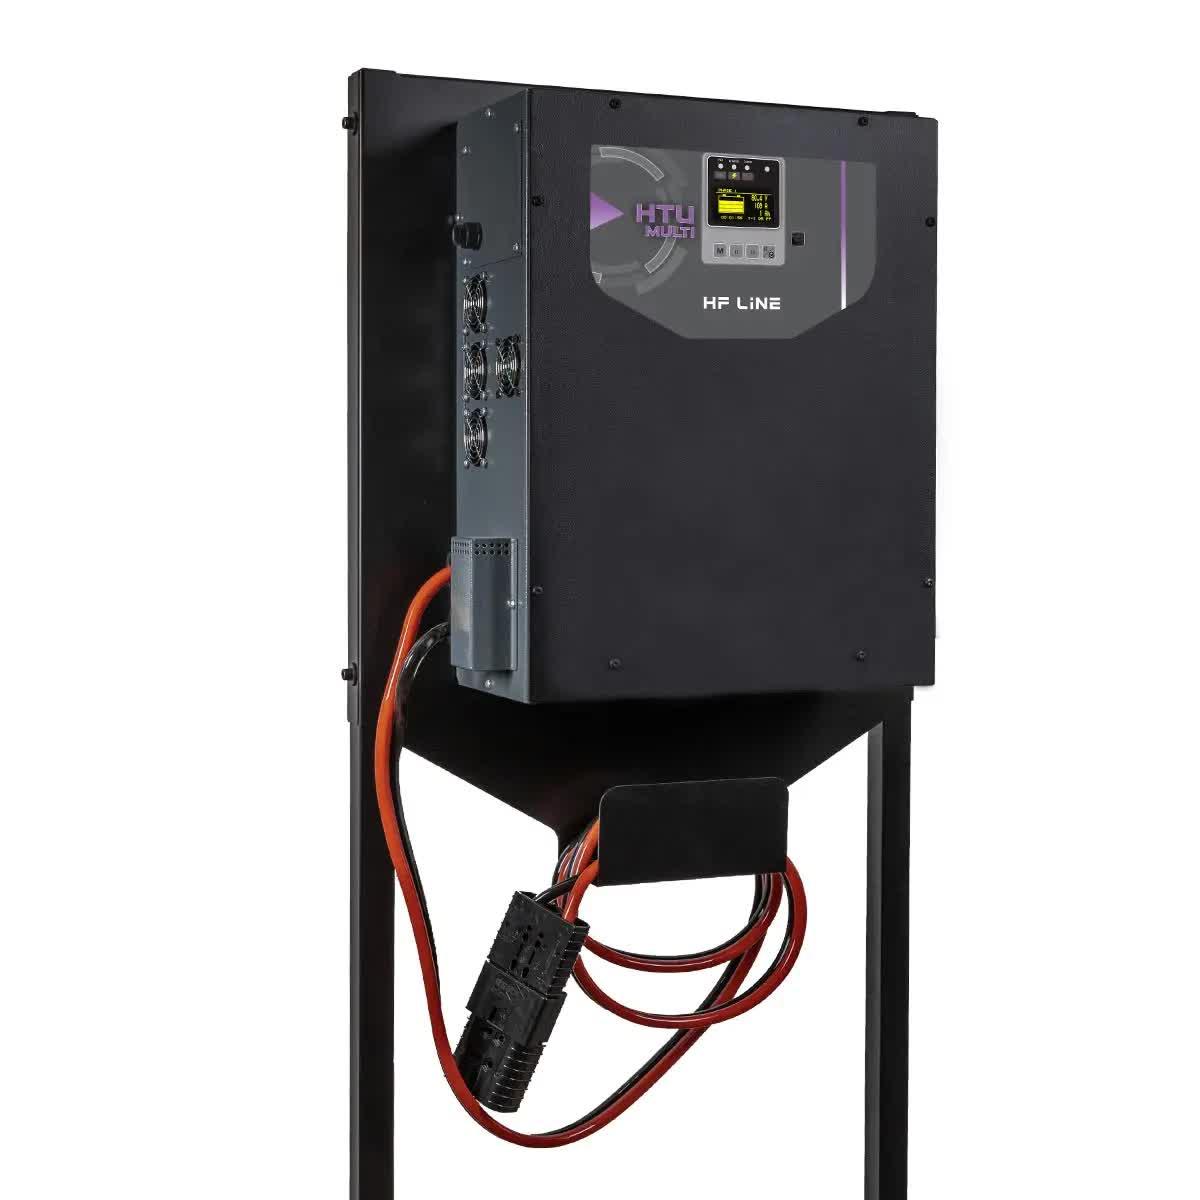 Descargador de baterias, Italia, ATIB Elettronica